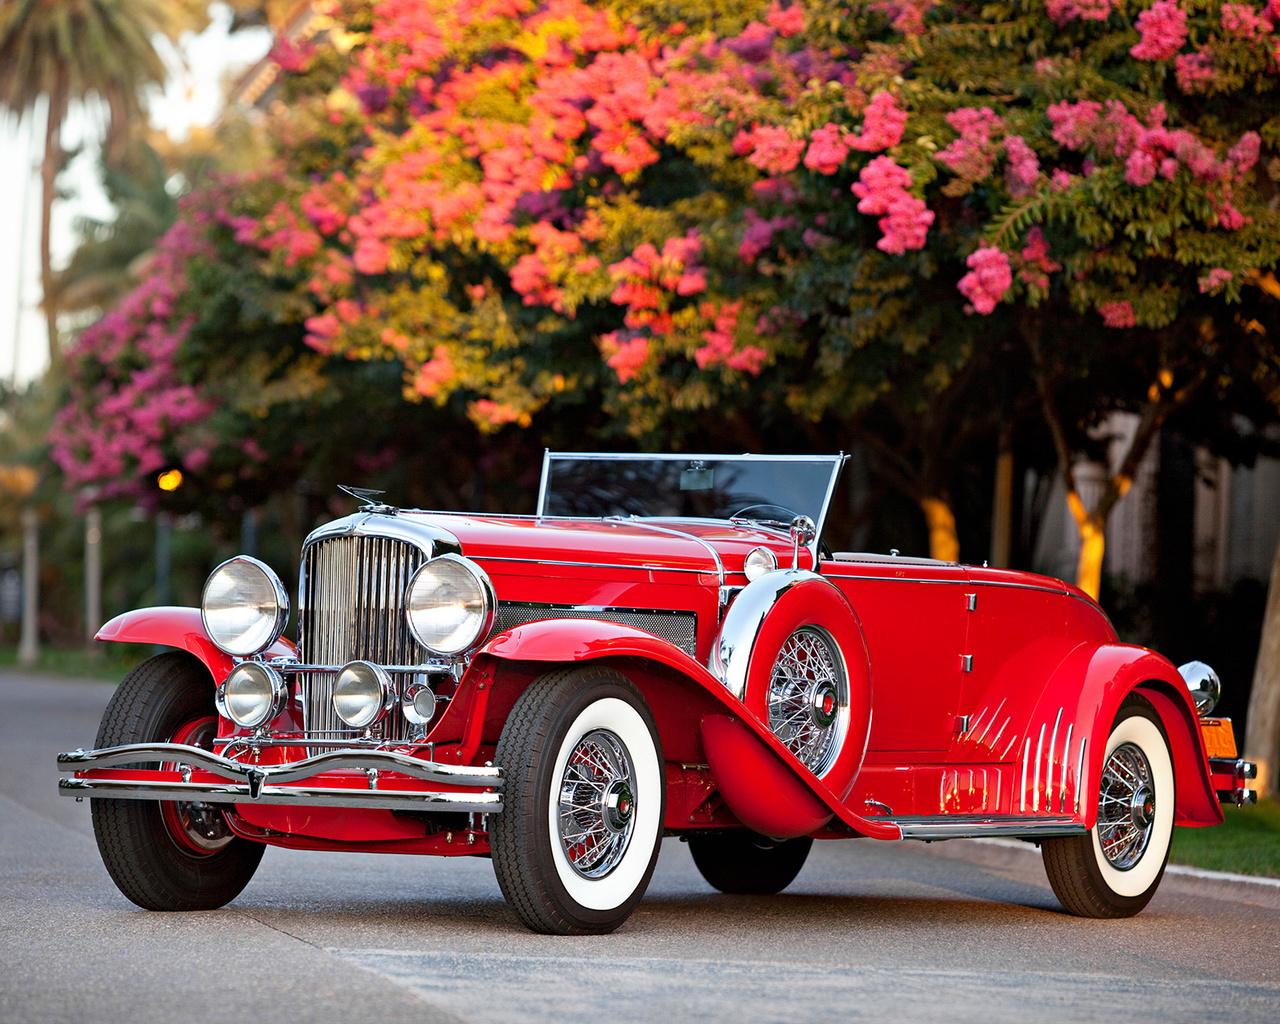 красный, ретро, авто, весна, дорога